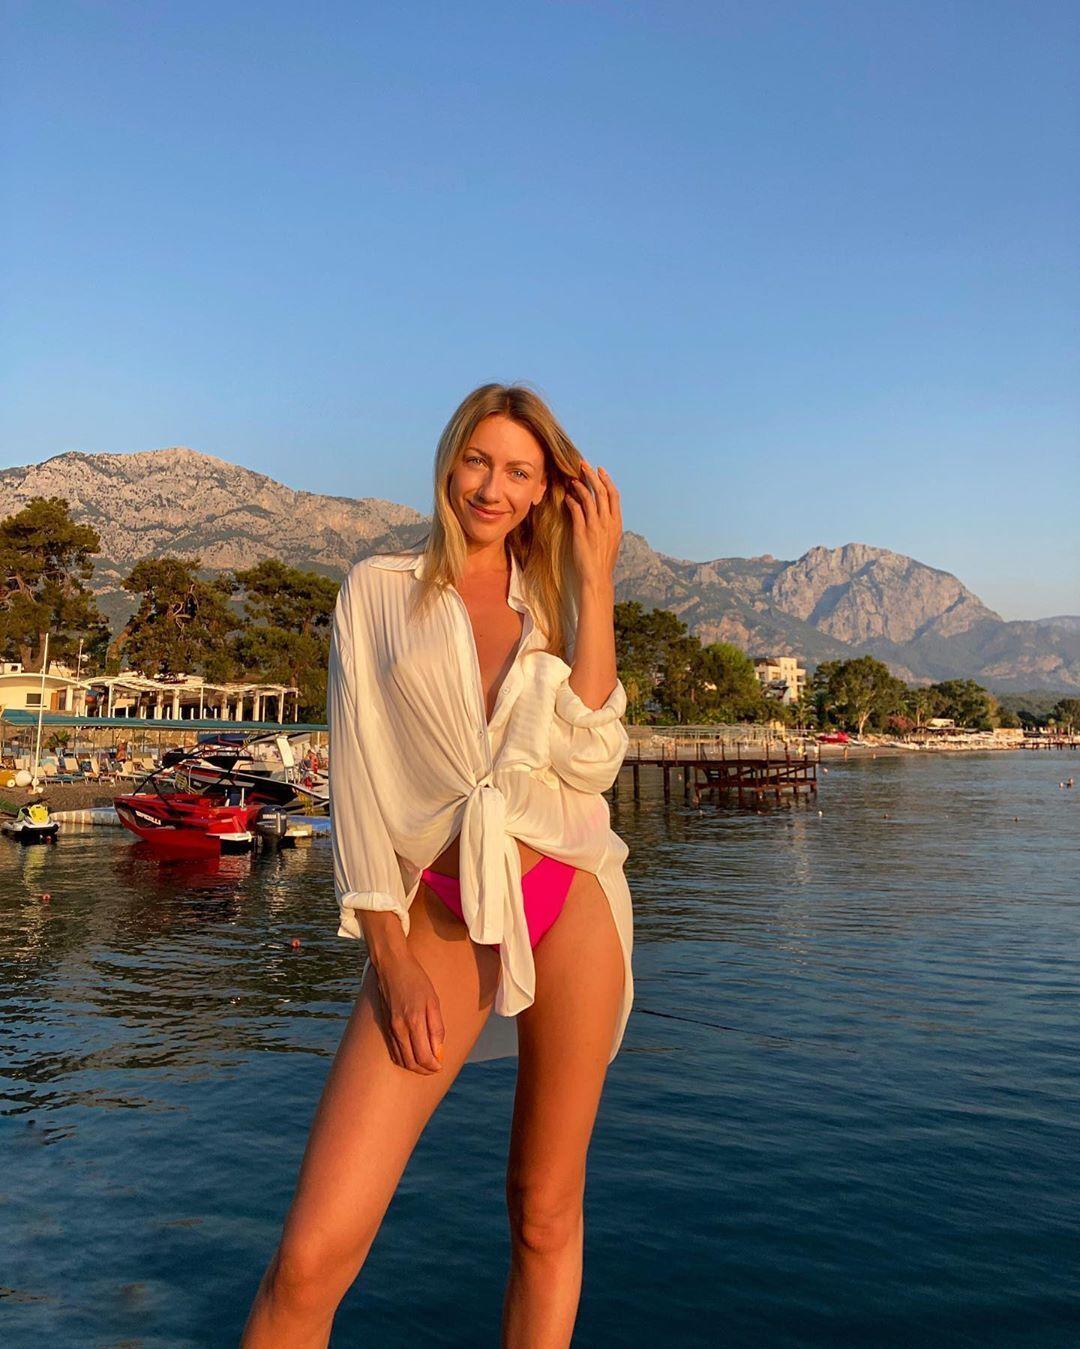 Никитюк порадовала фанатов пикантным фото без лифчика (Instagram Леси Никитюк)